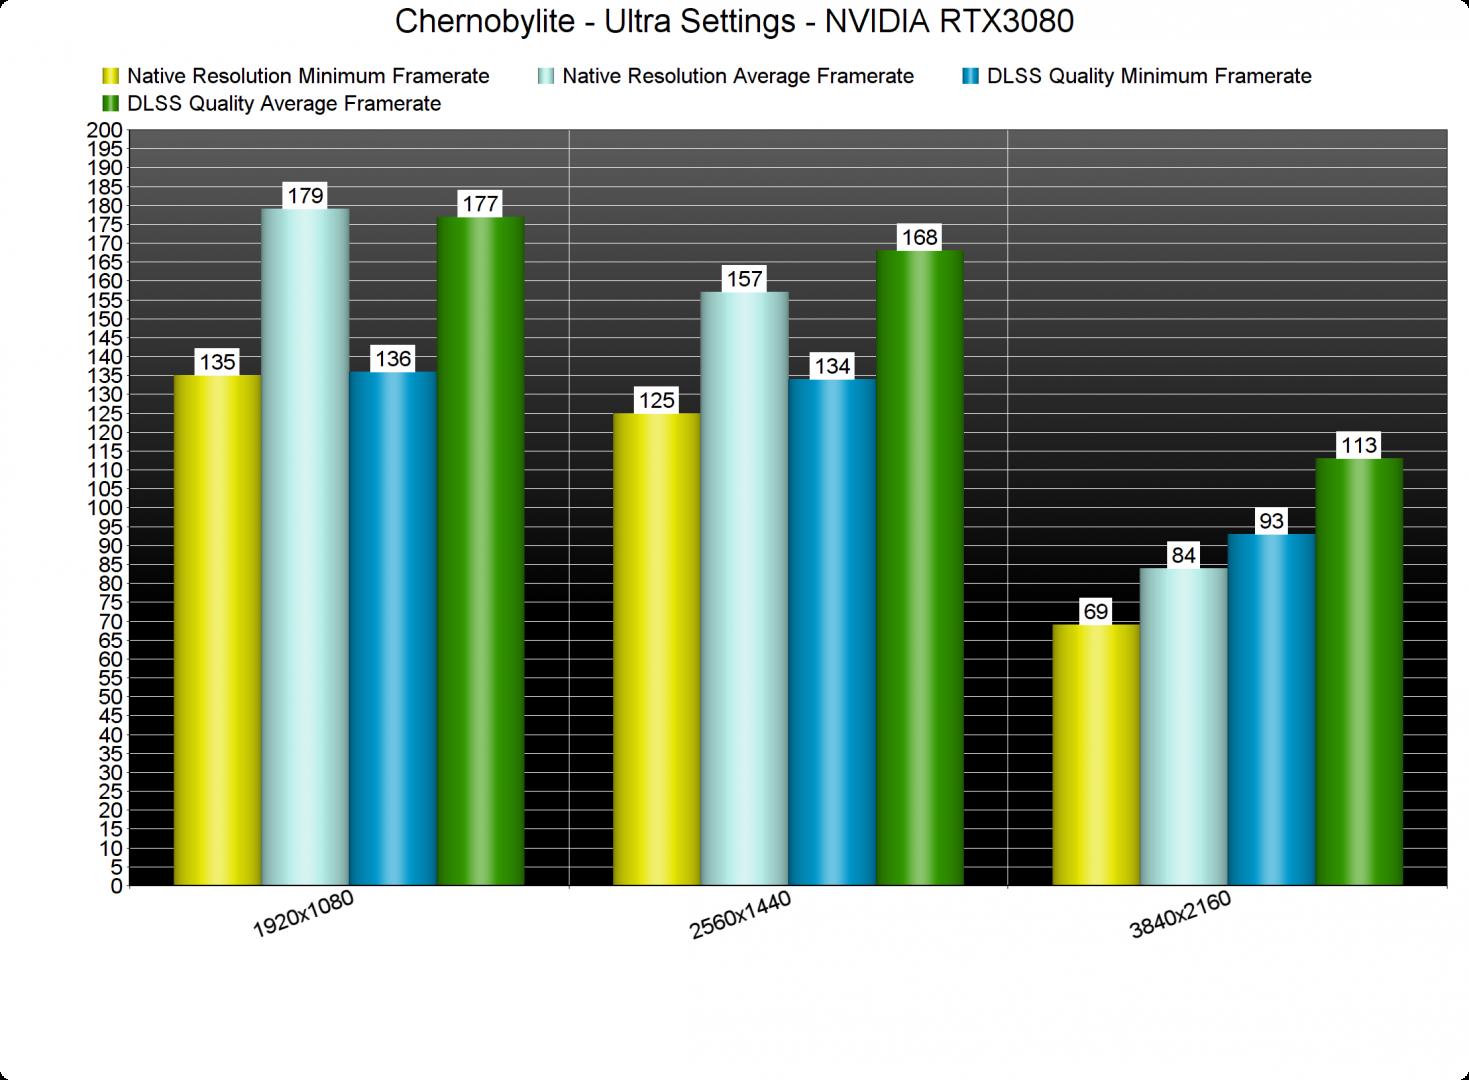 Chernobylite DLSS benchmarks